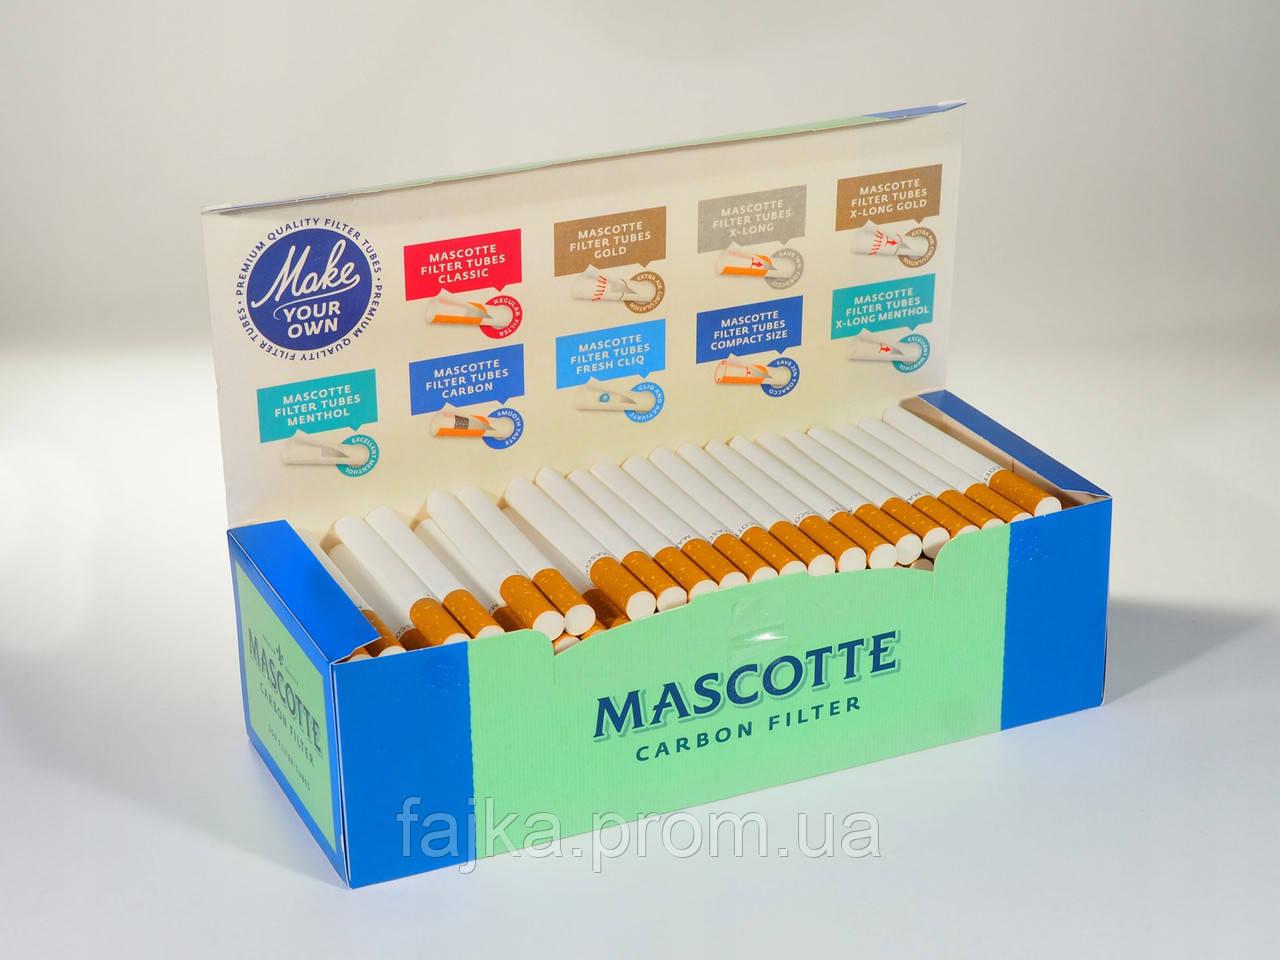 Гильзы для сигарет с фильтром компакт купить купить оптом табак трубочный табак